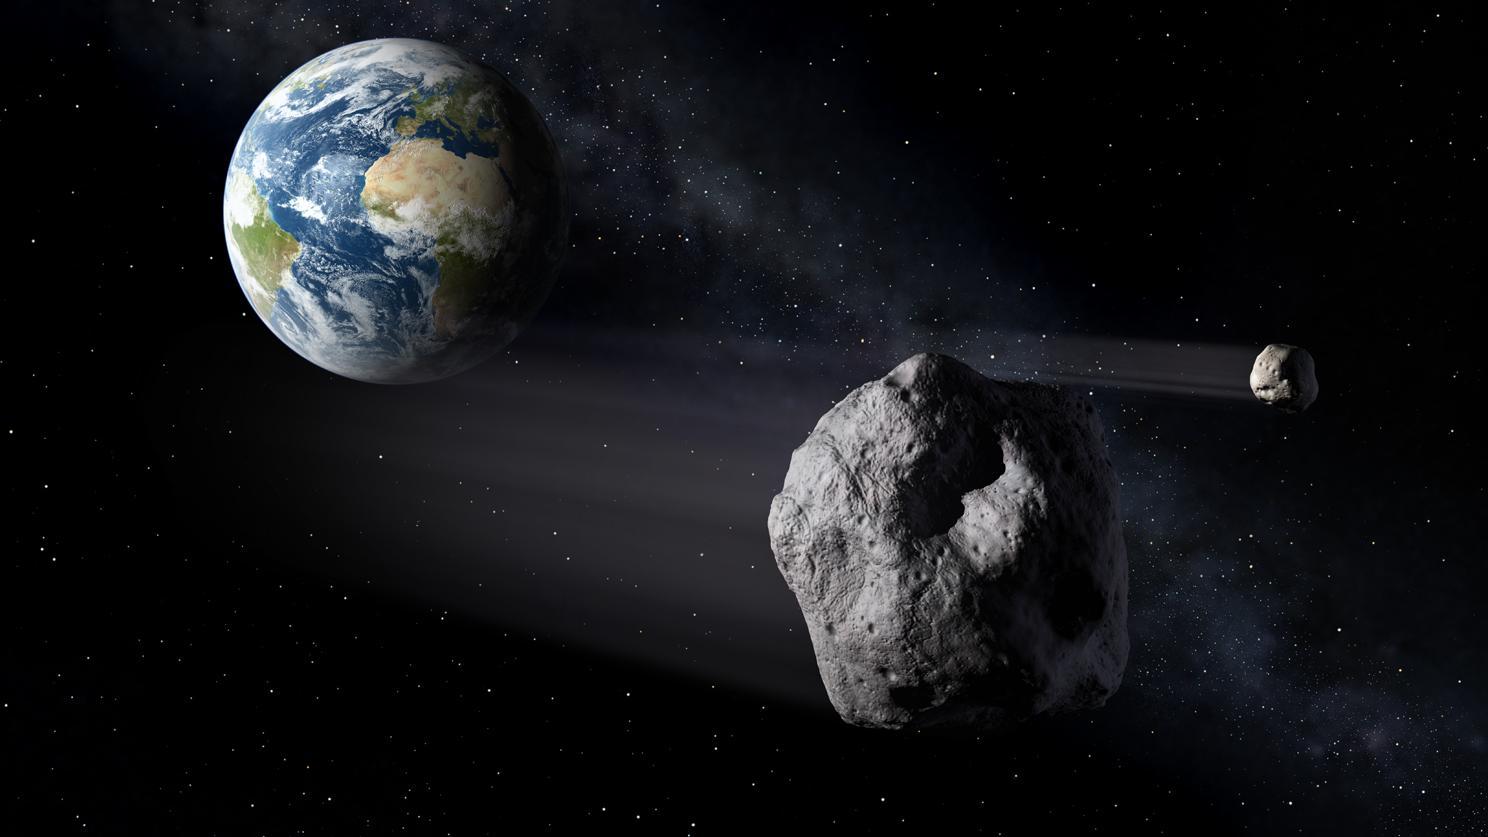 """Der Asteroid """"Didymos"""" und sein Zwillingsasteroid """"Didymoon"""" begegnen der Erde, Animation der ESA"""